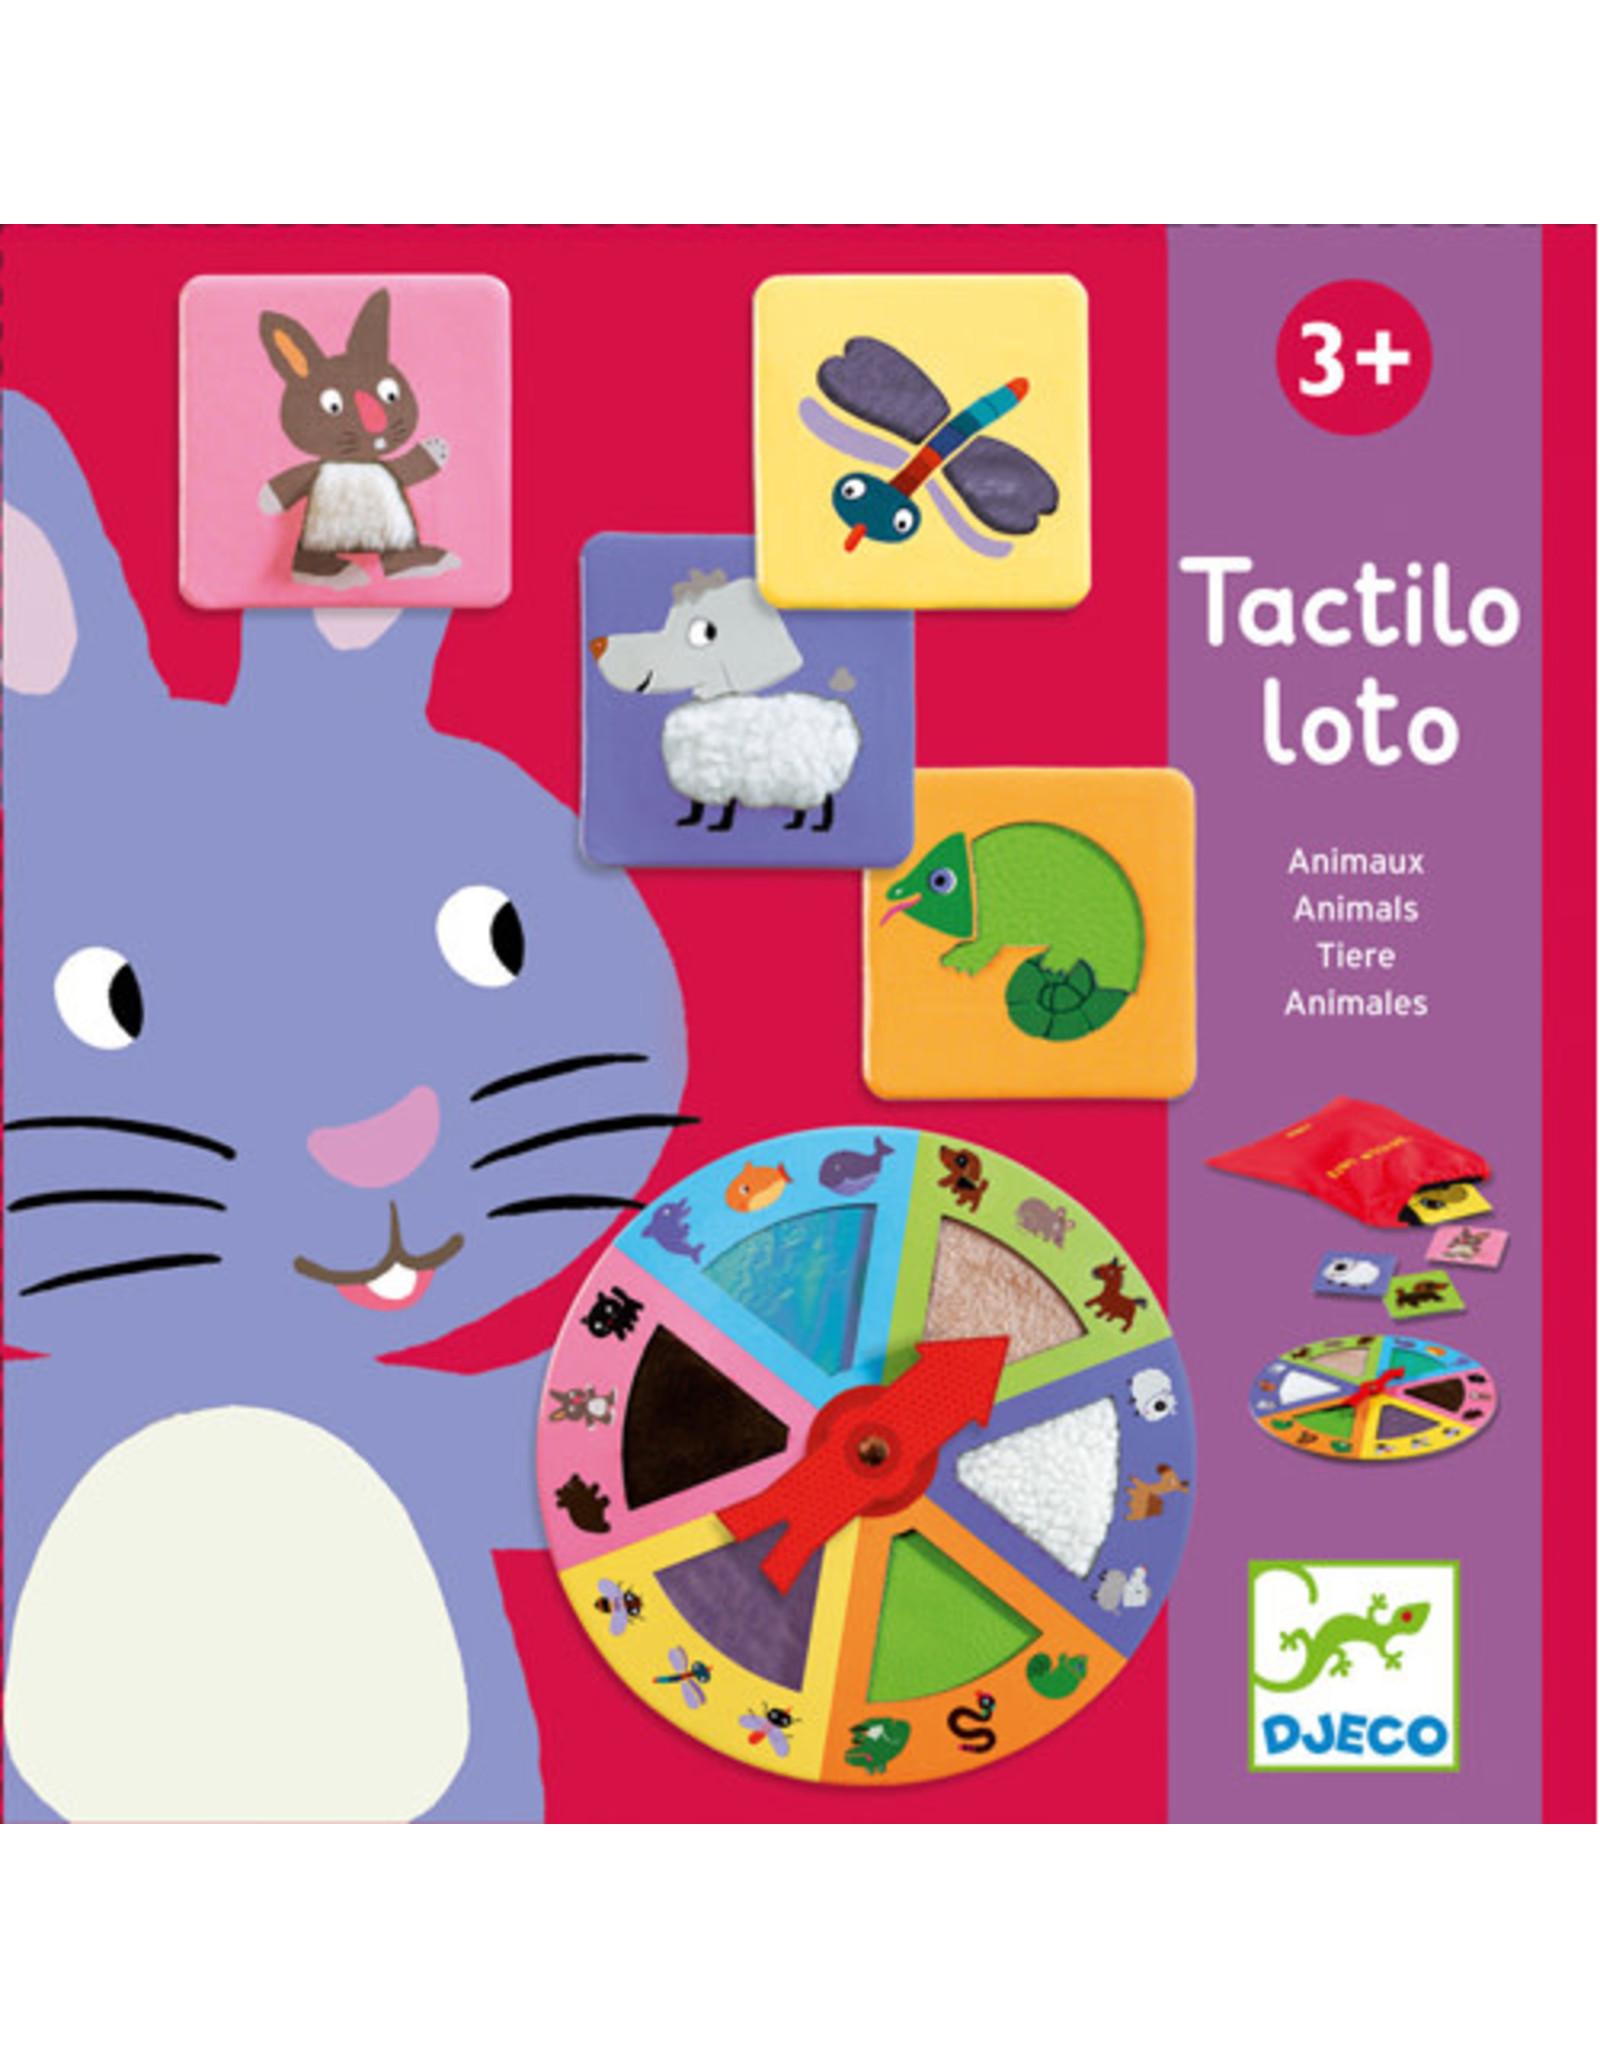 Djeco Tactilo Loto Animals